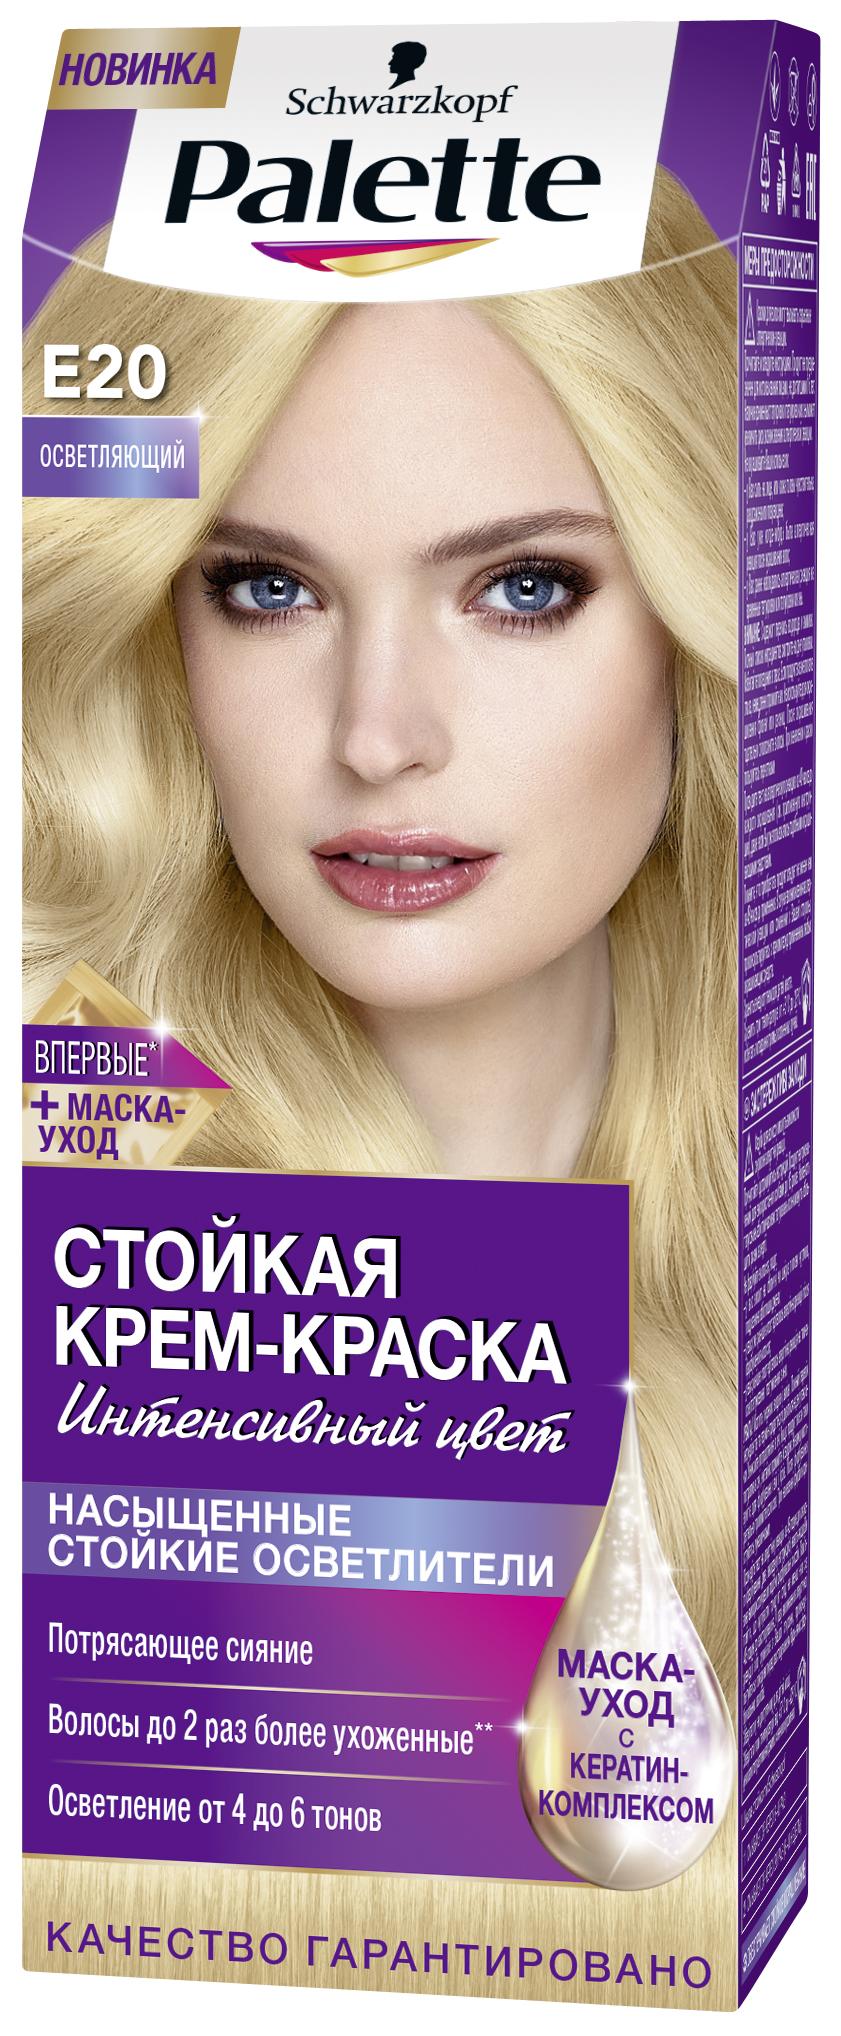 Palette Стойкая крем-краска E20 Осветляющий 110мл+10г09351800Знаменитая краска для волос Palette при использовании тщательно окрашивает волосы, стойко сохраняет цвет, имеет множество разнообразных оттенков на любой, самый взыскательный, вкус.